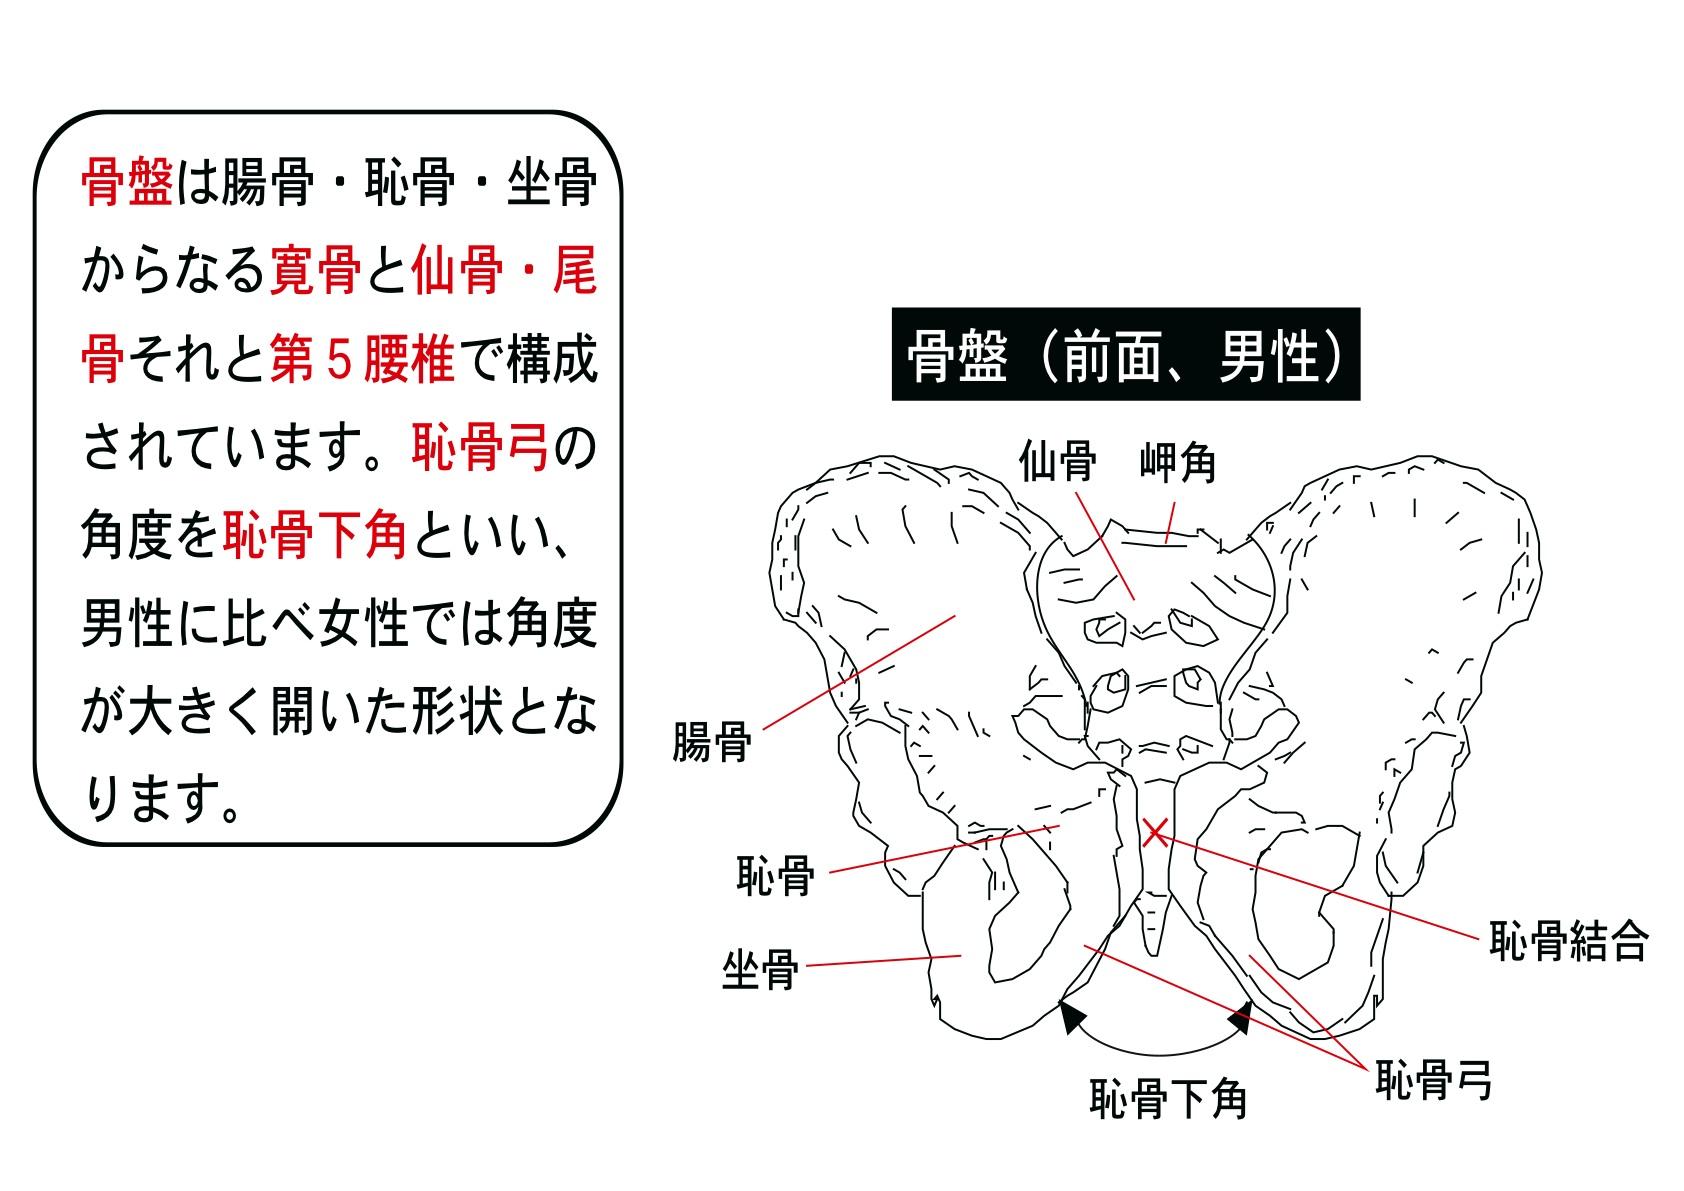 看護学生のために(by 白鳥恭介) | SSブログ